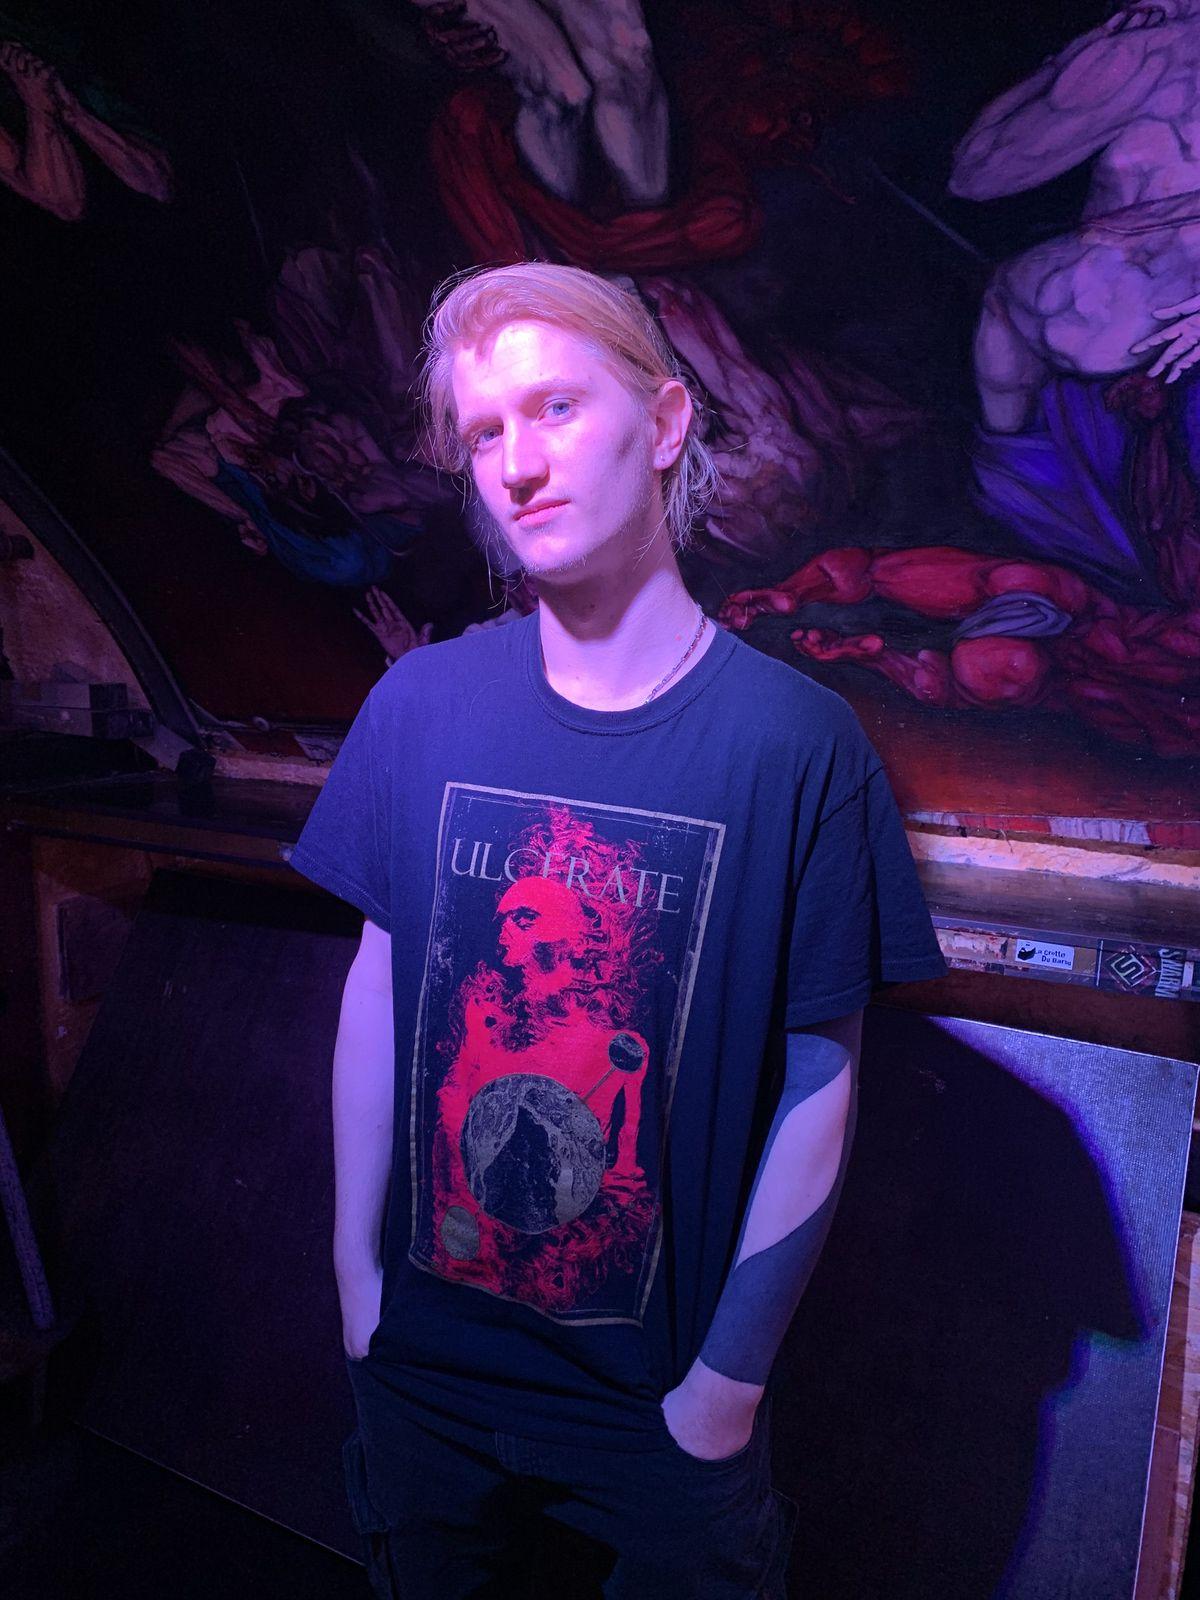 EXCLU - Interview avec DEATH AWAITS pour l'album RAPTURE SMITES